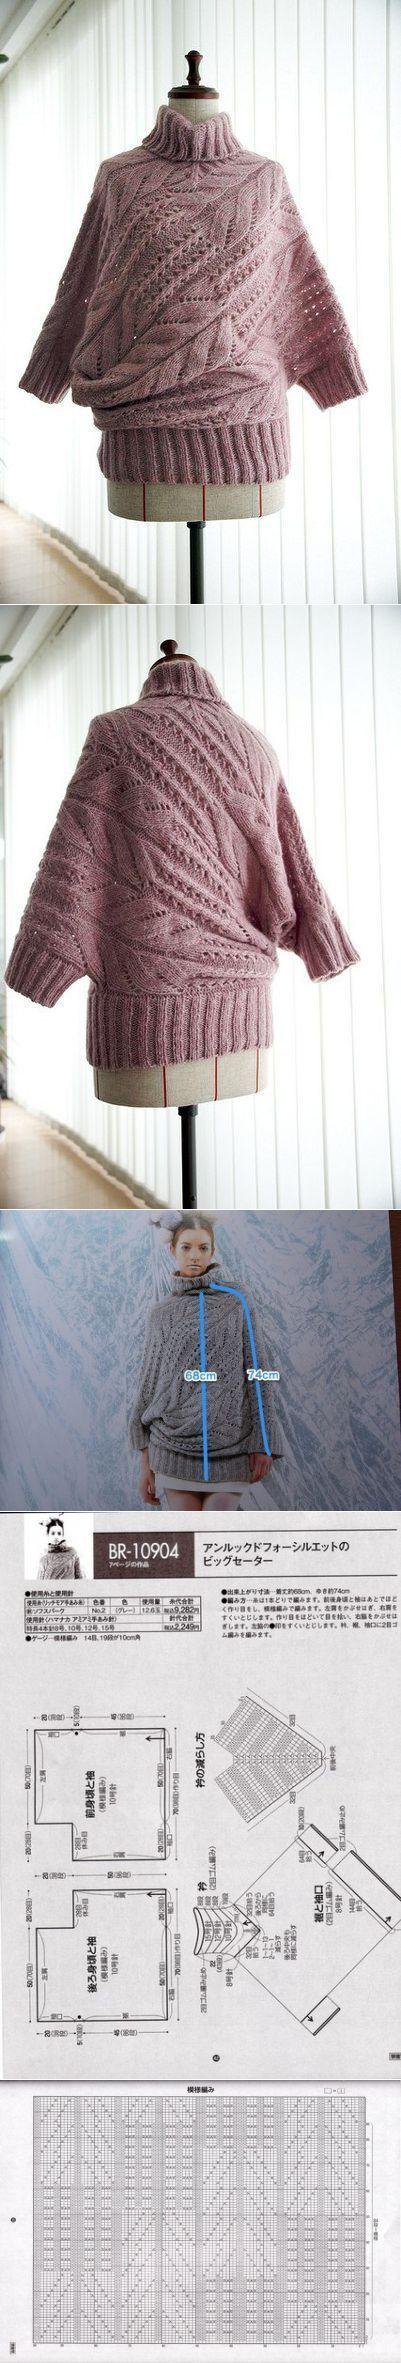 Пуловер оригинального покроя. | Вязалочки | Постила